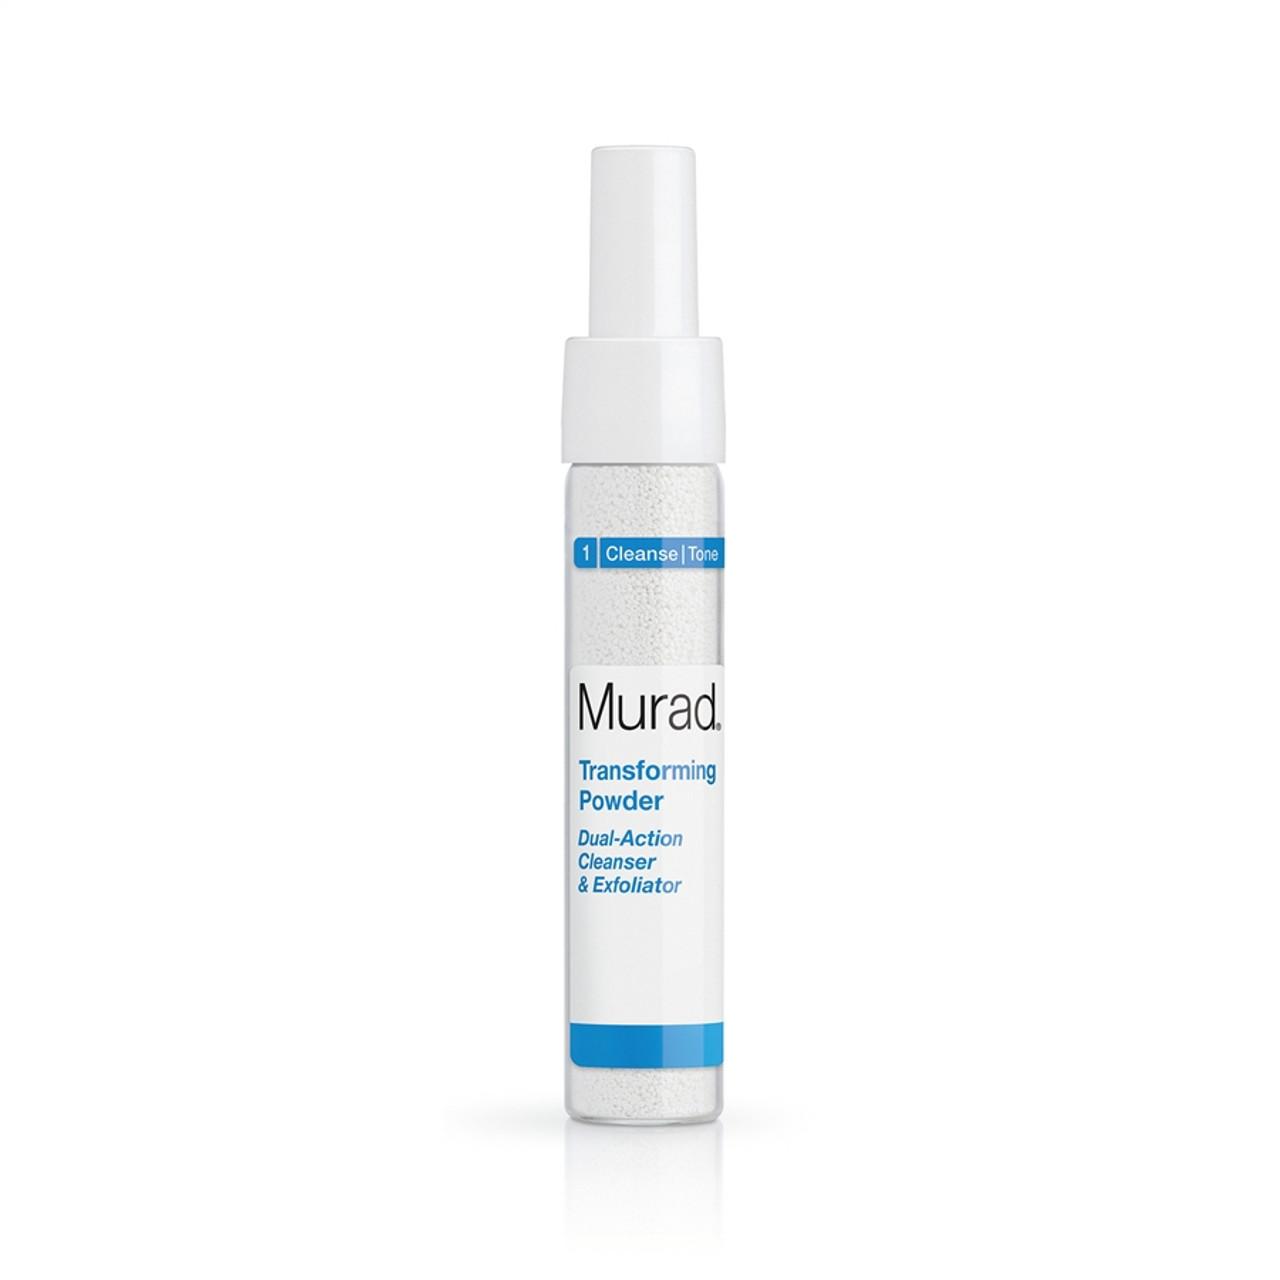 Murad Transforming Powder 0.5 oz